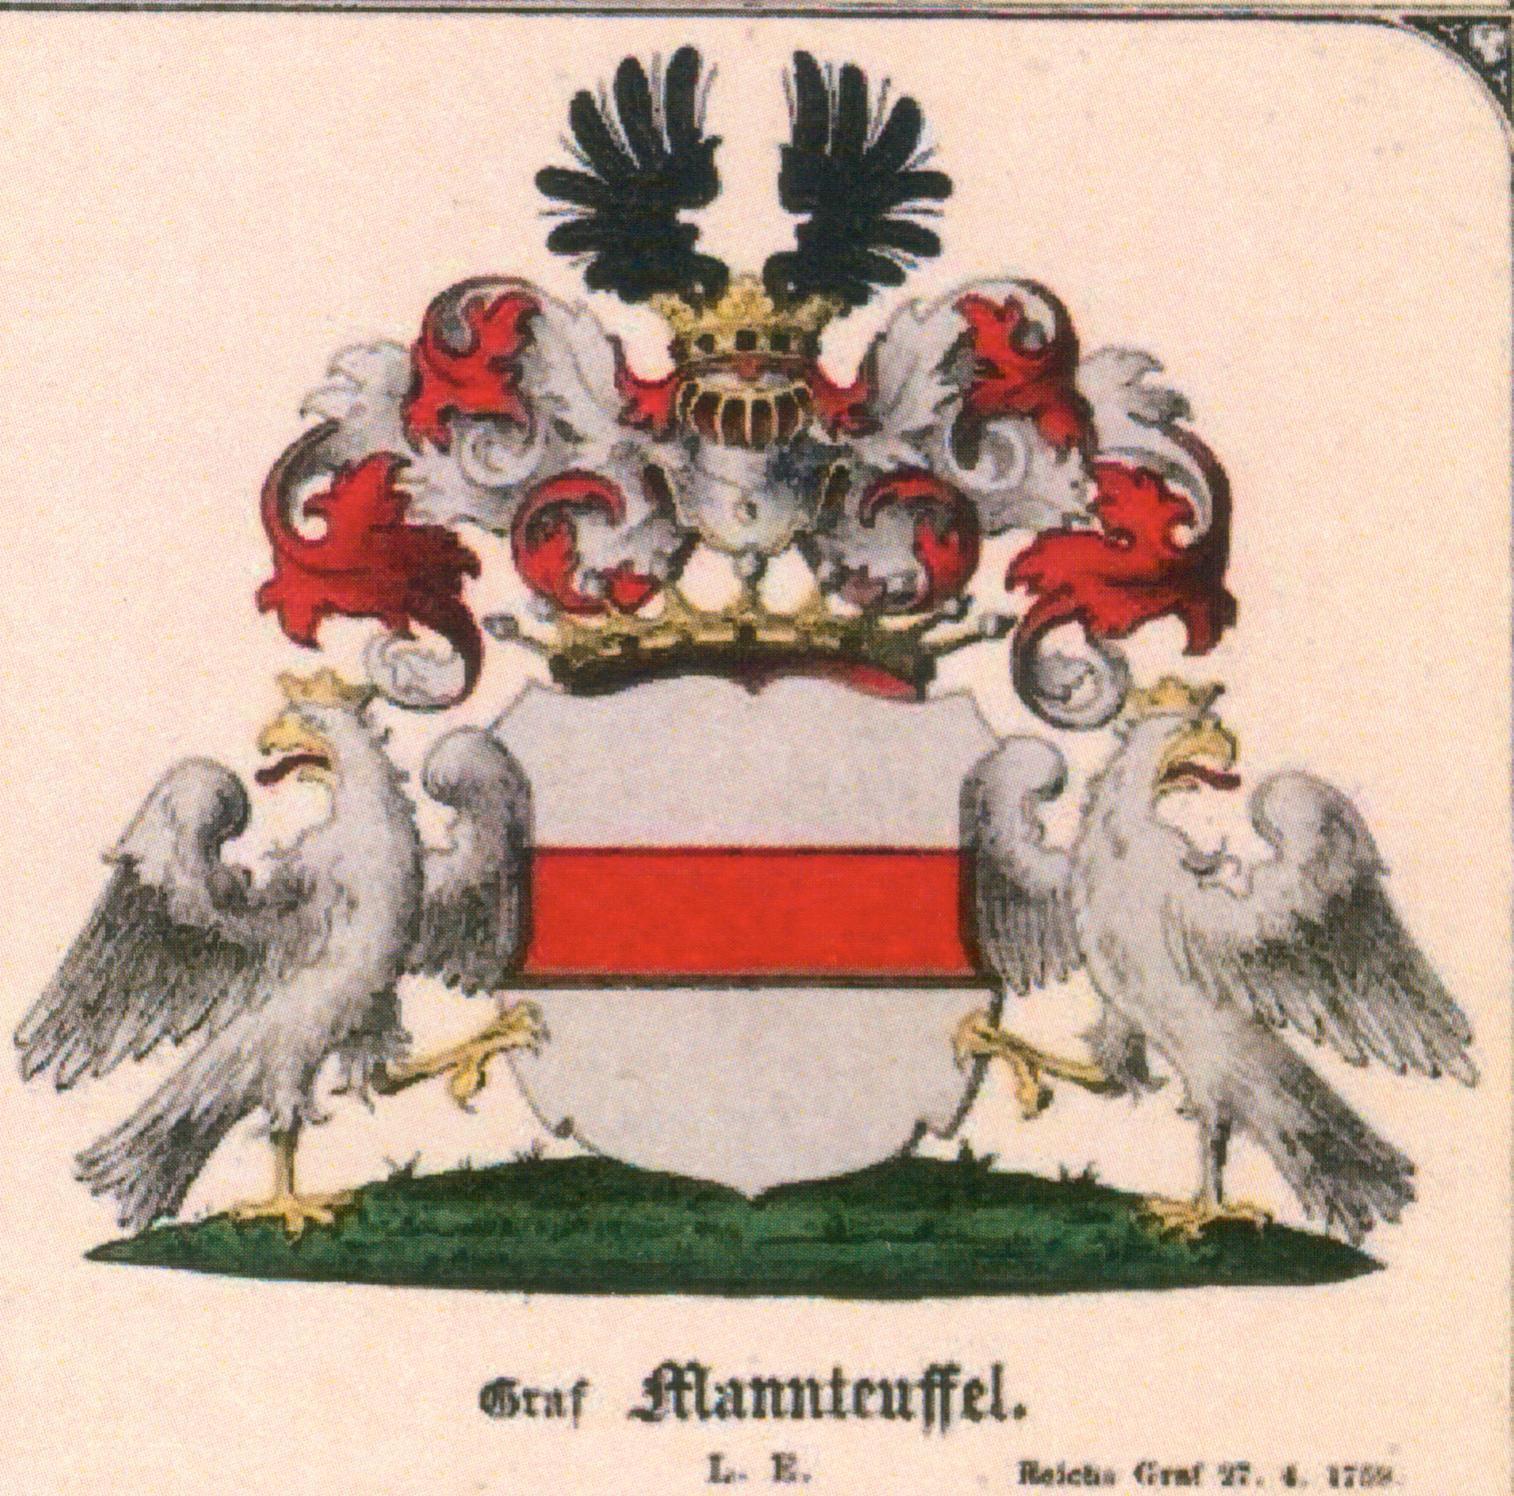 Mannteuffel